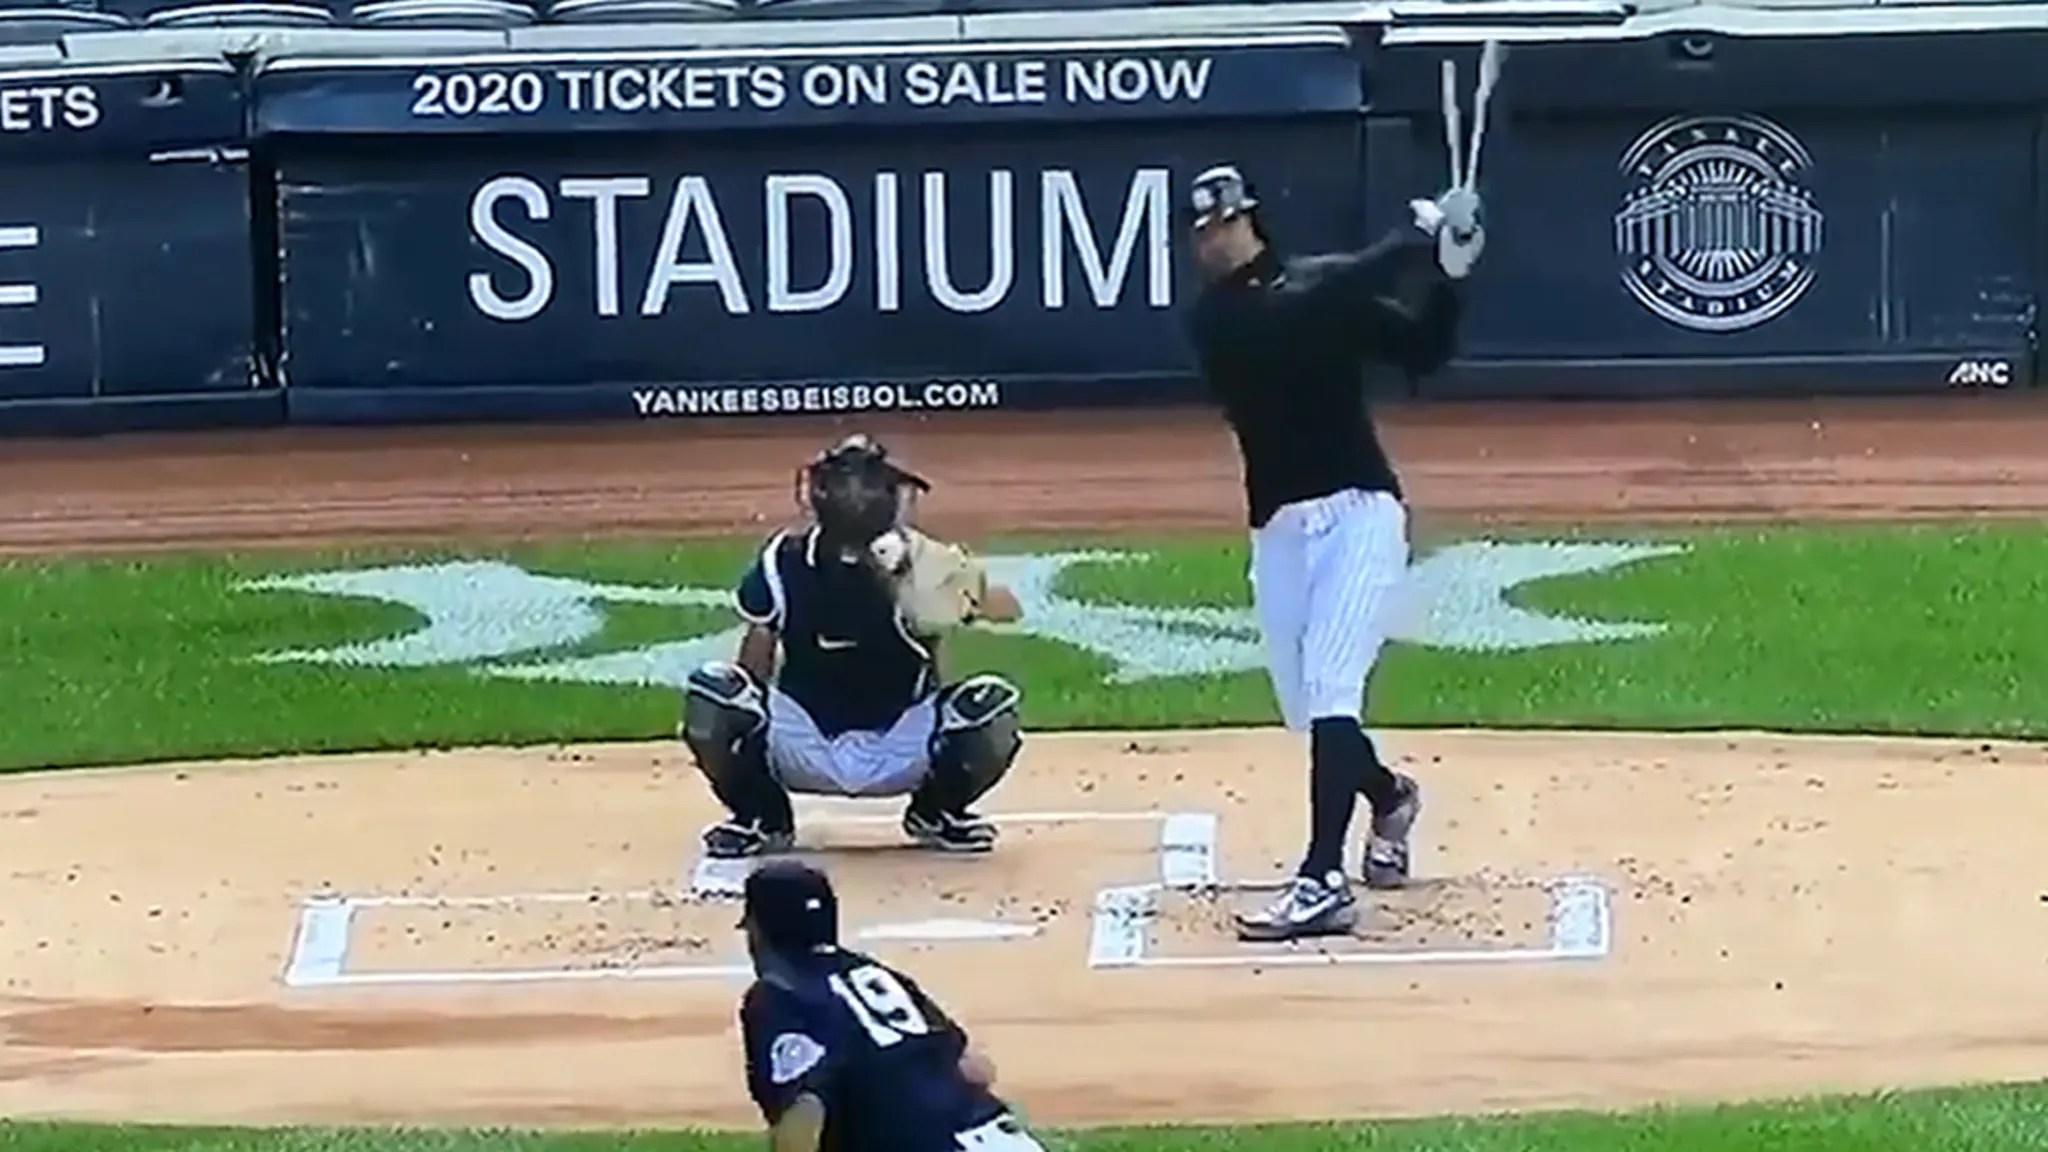 Yankees' Masahiro Tanaka Takes Stanton's Line Drive to the Head